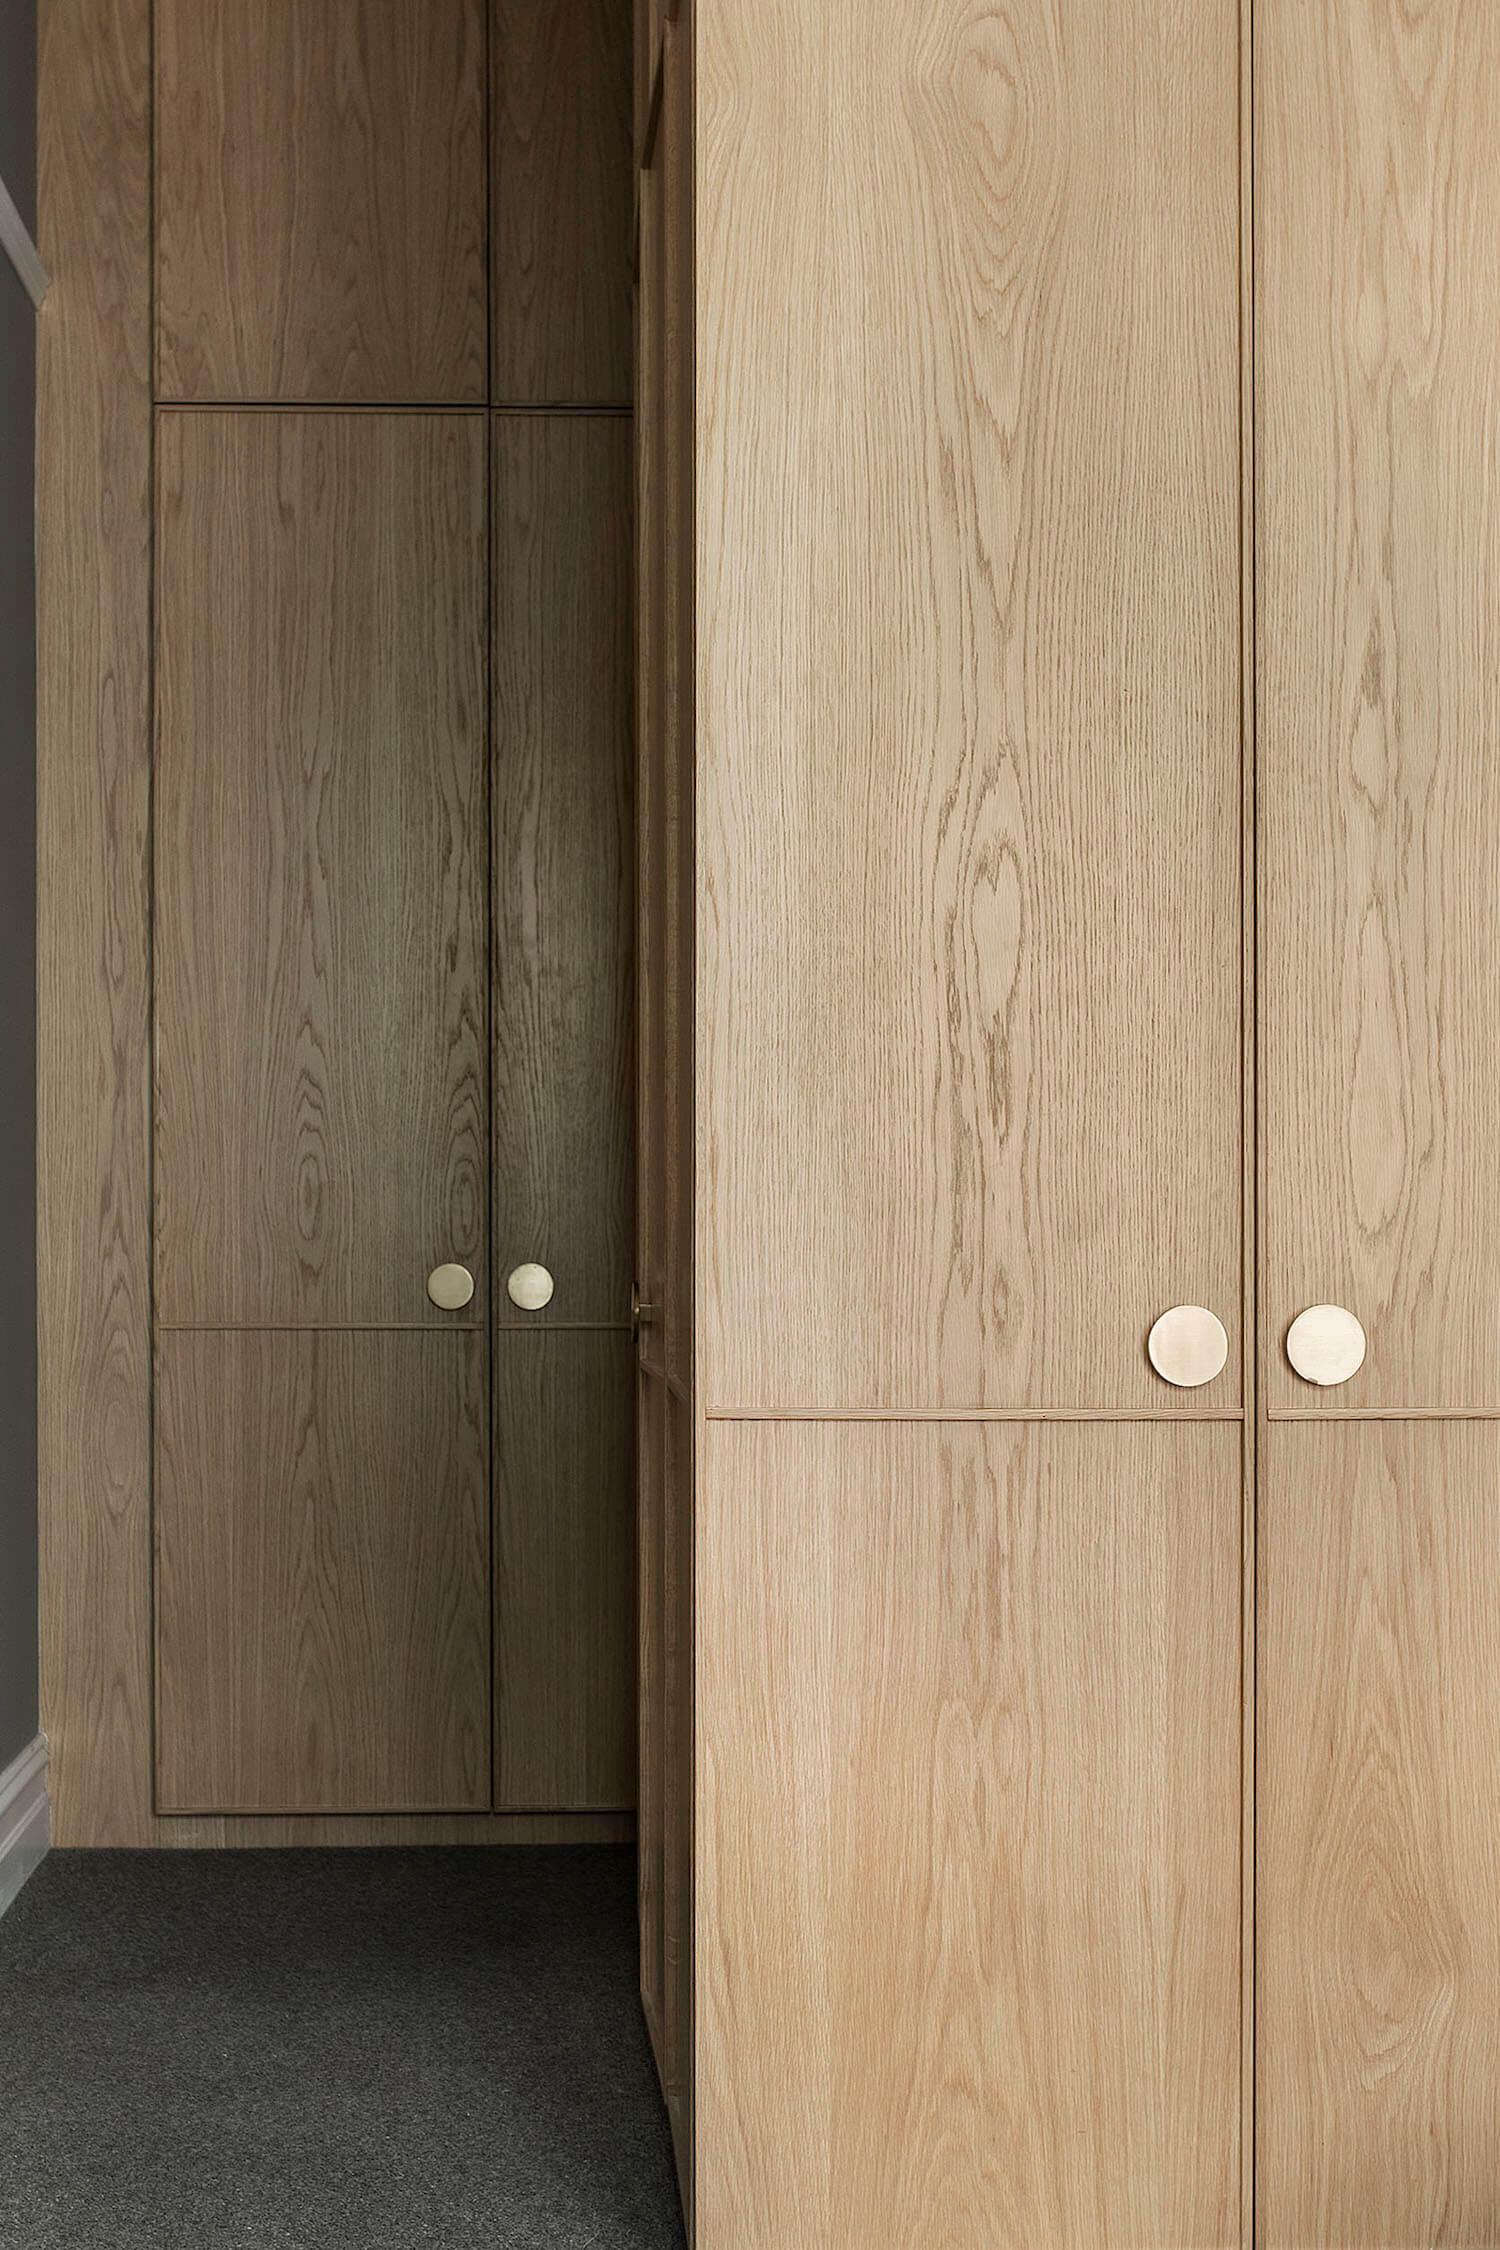 est living australian interiors cjh design rosebery home 15